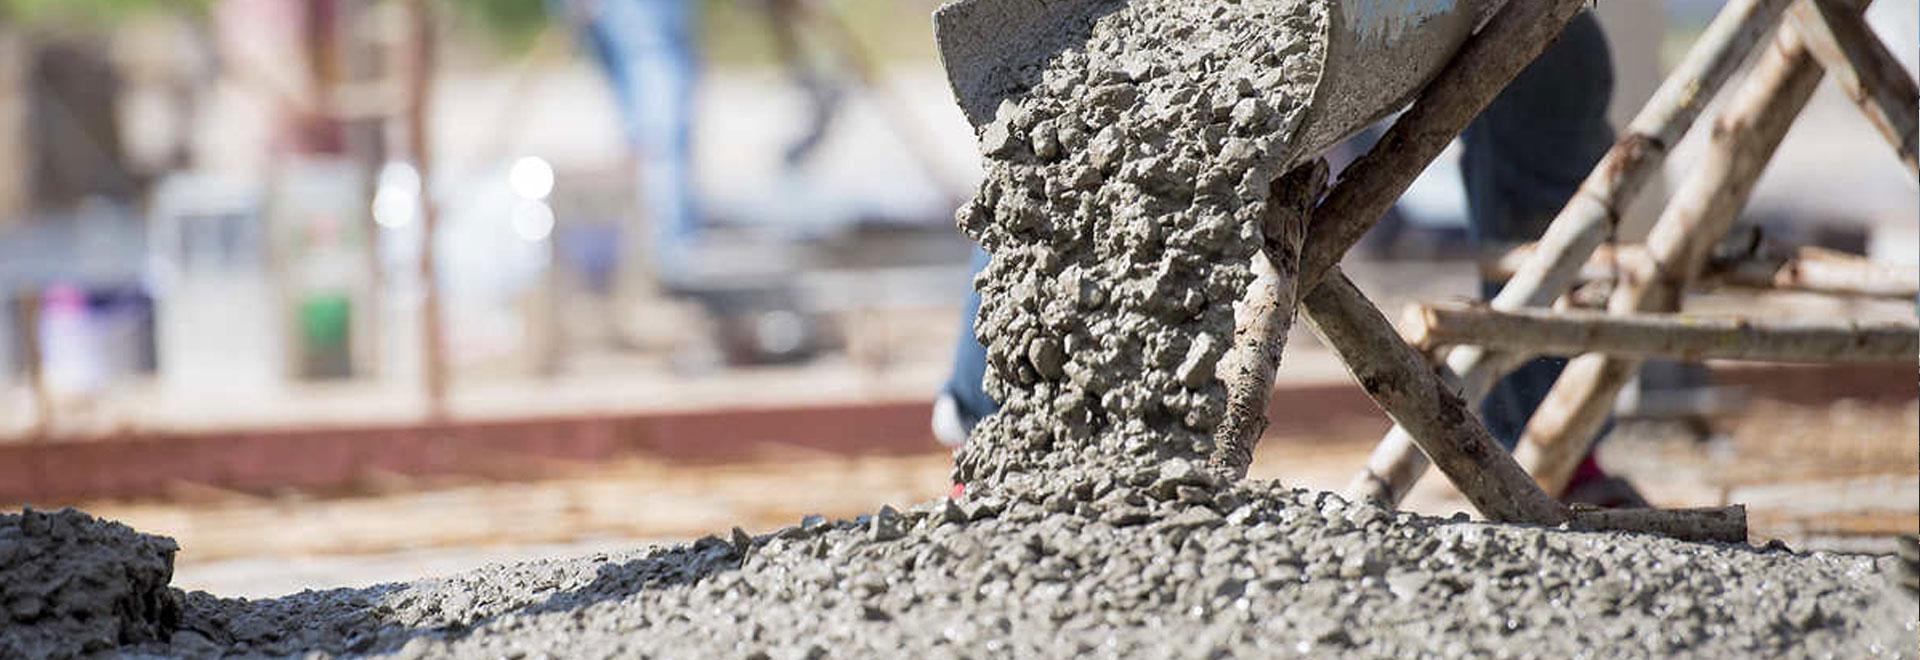 Полученный раствор бетона